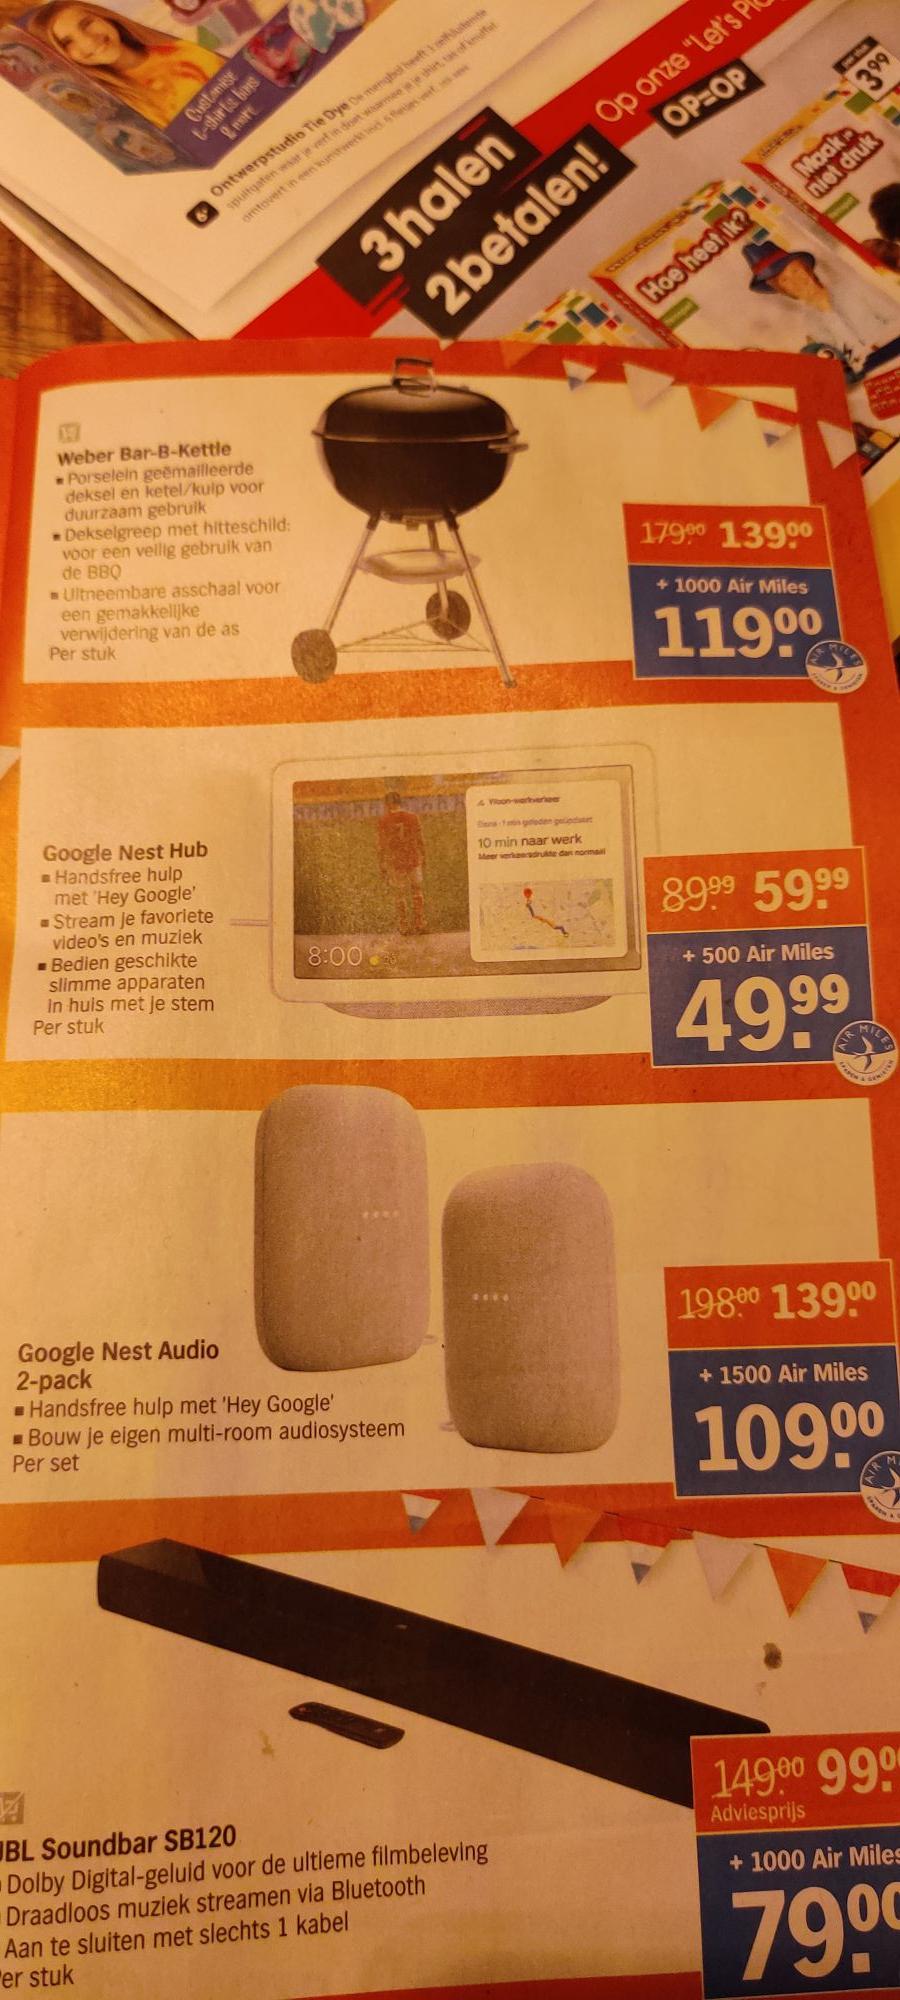 Google Nest Hub gen. 2 voor €59,99 @ Albert Heijn